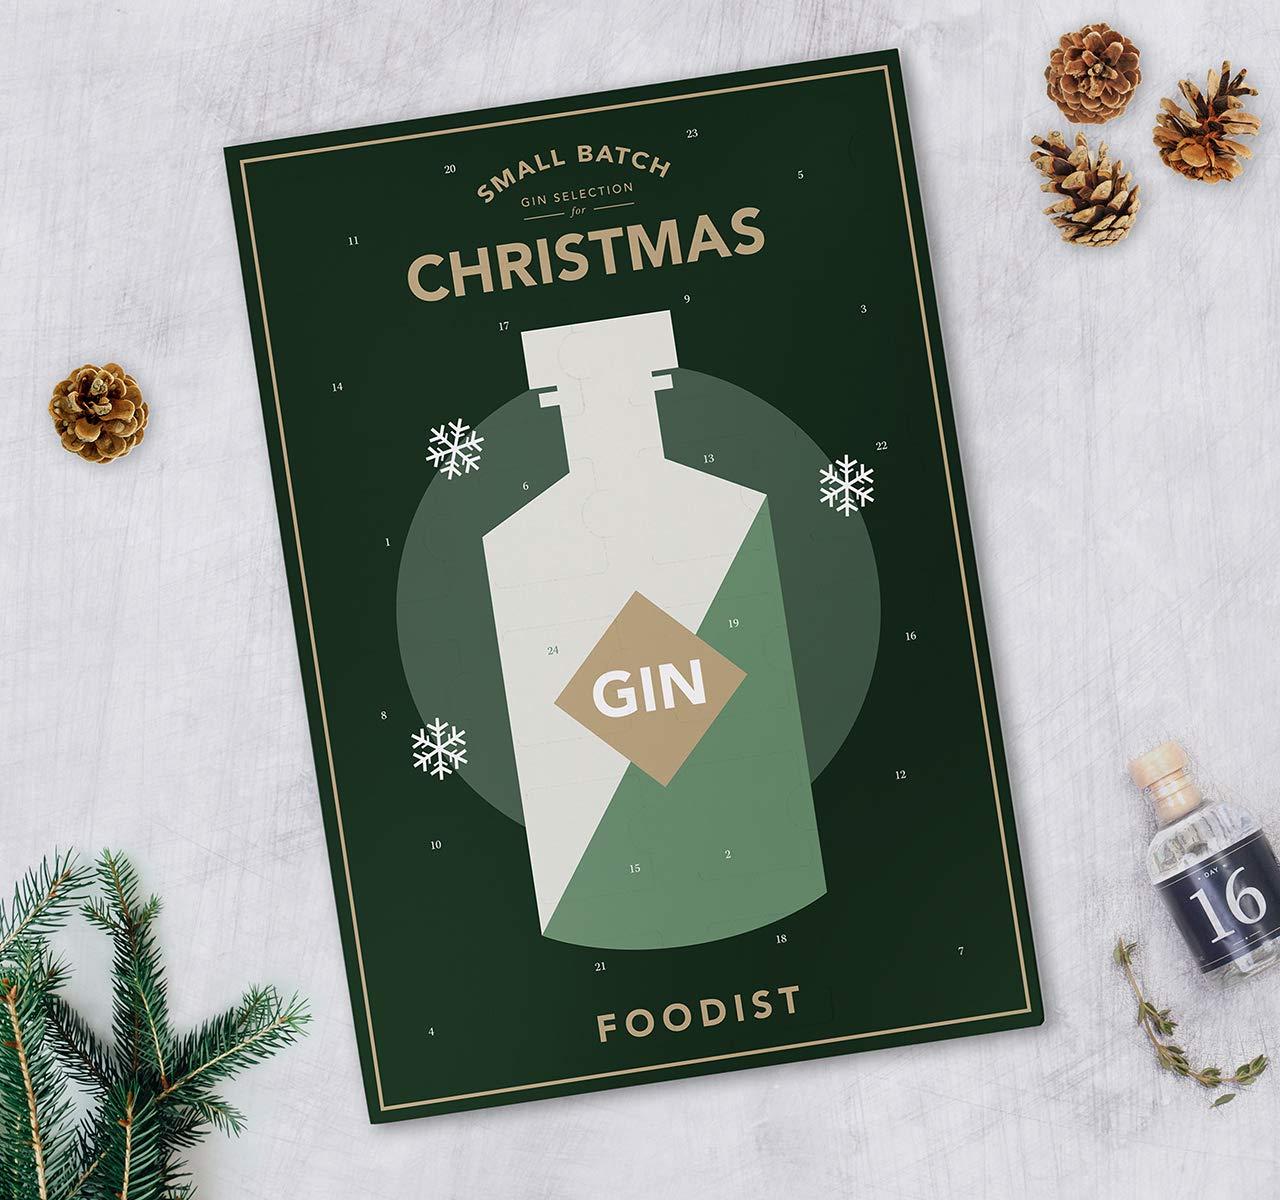 adventskalender met gin